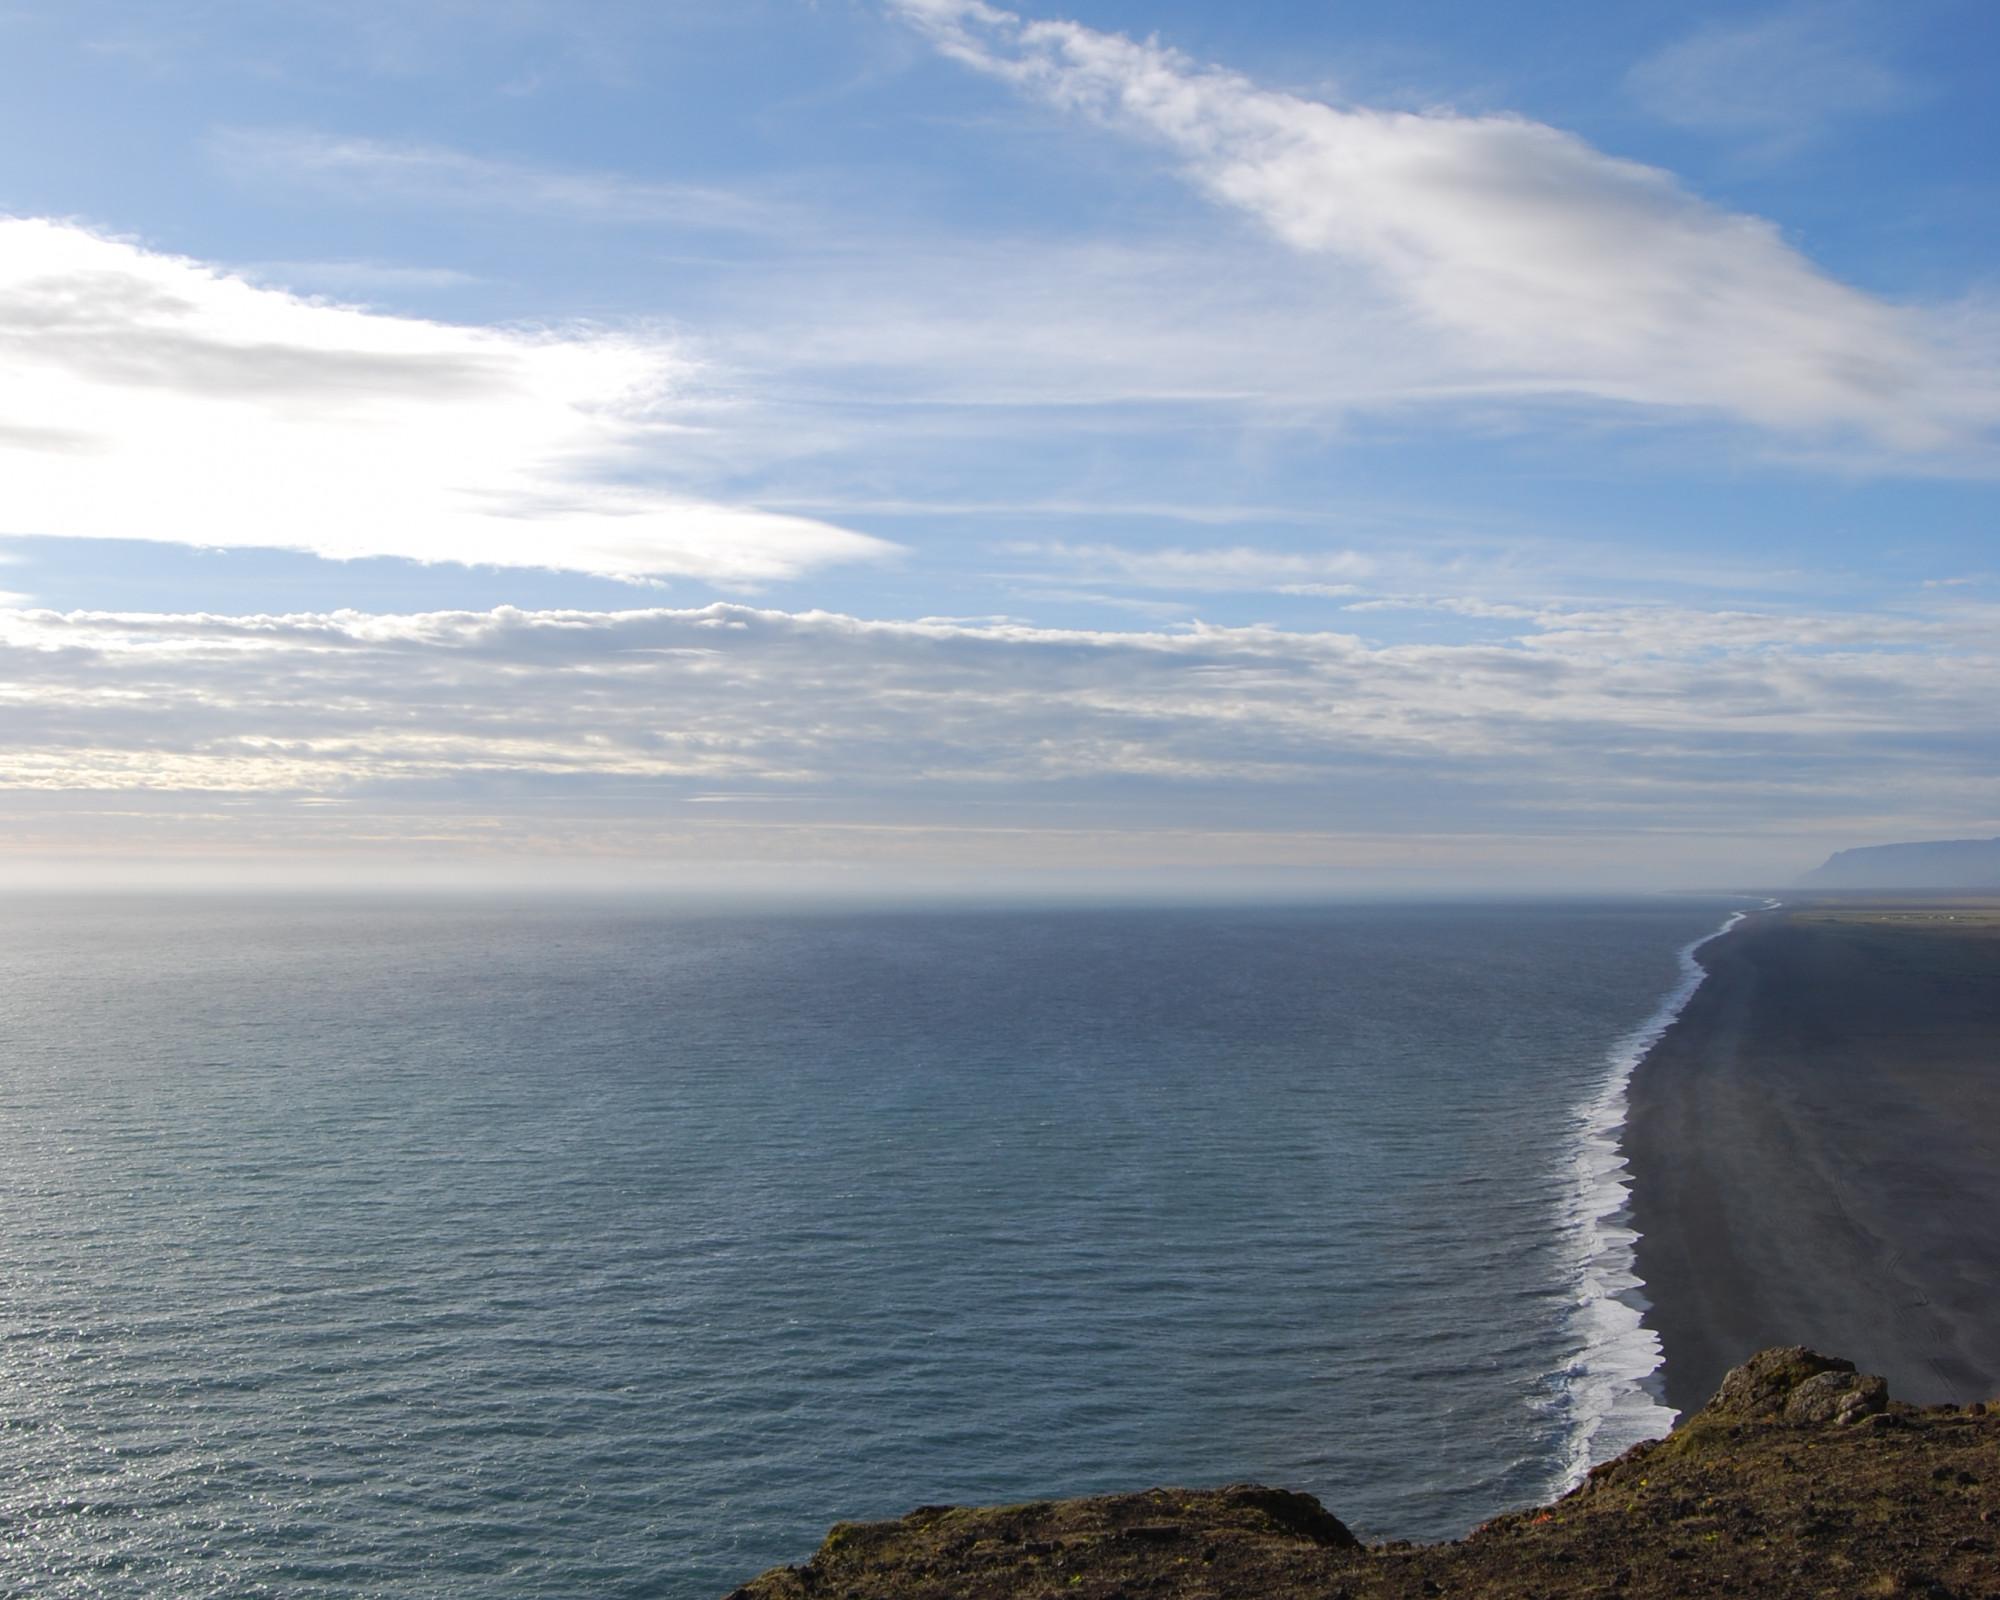 Photo 2: Reynisfjara Halsanefshellir, une vue à couper le souffle